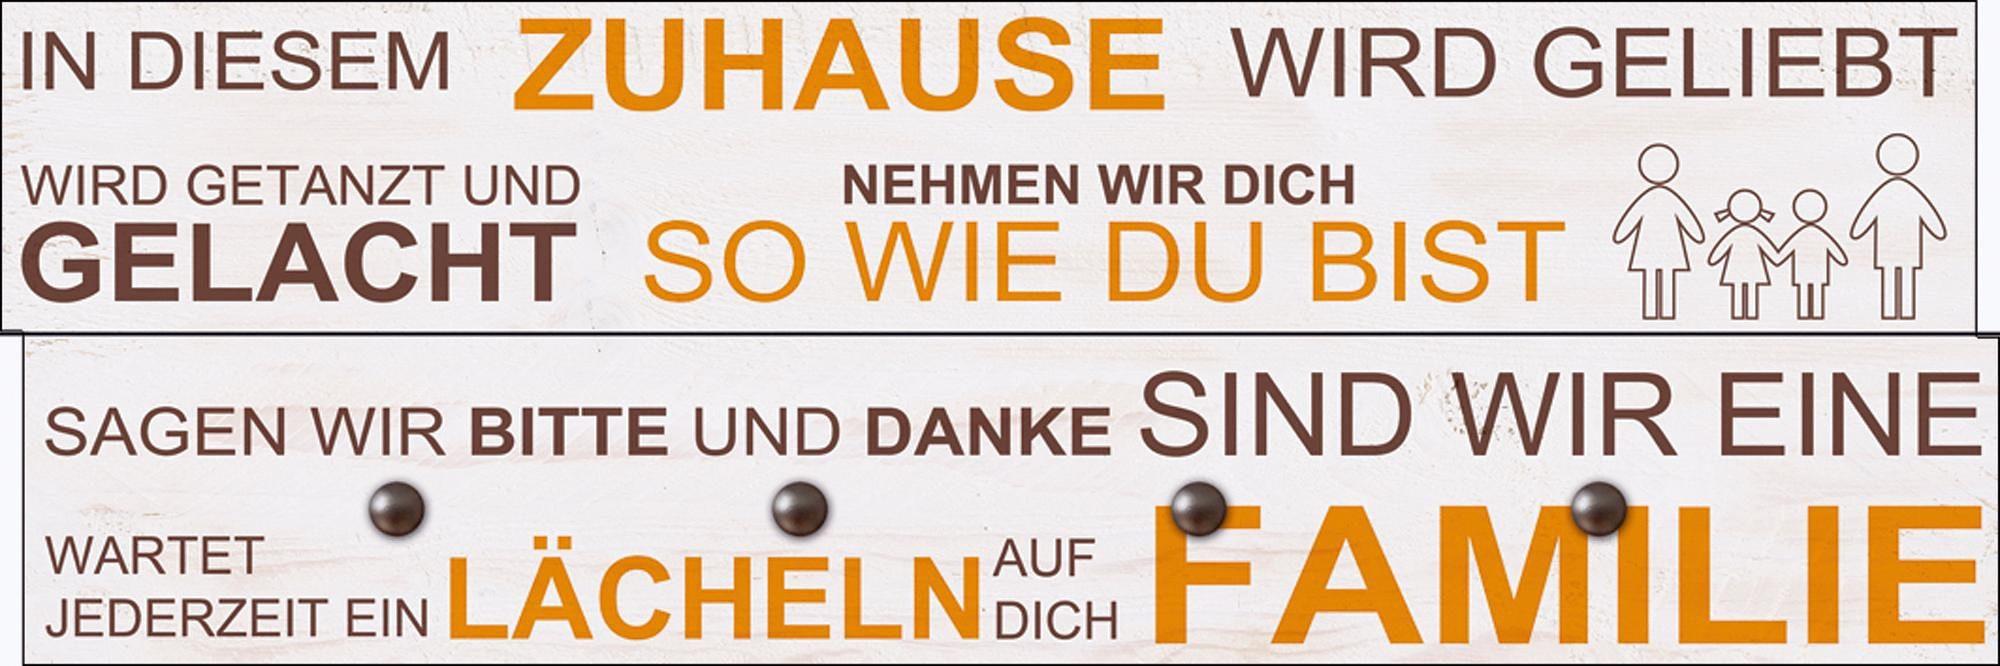 Home affaire Wandgarderobe »W. L.: In diesem Zuhause«, 90/30 cm